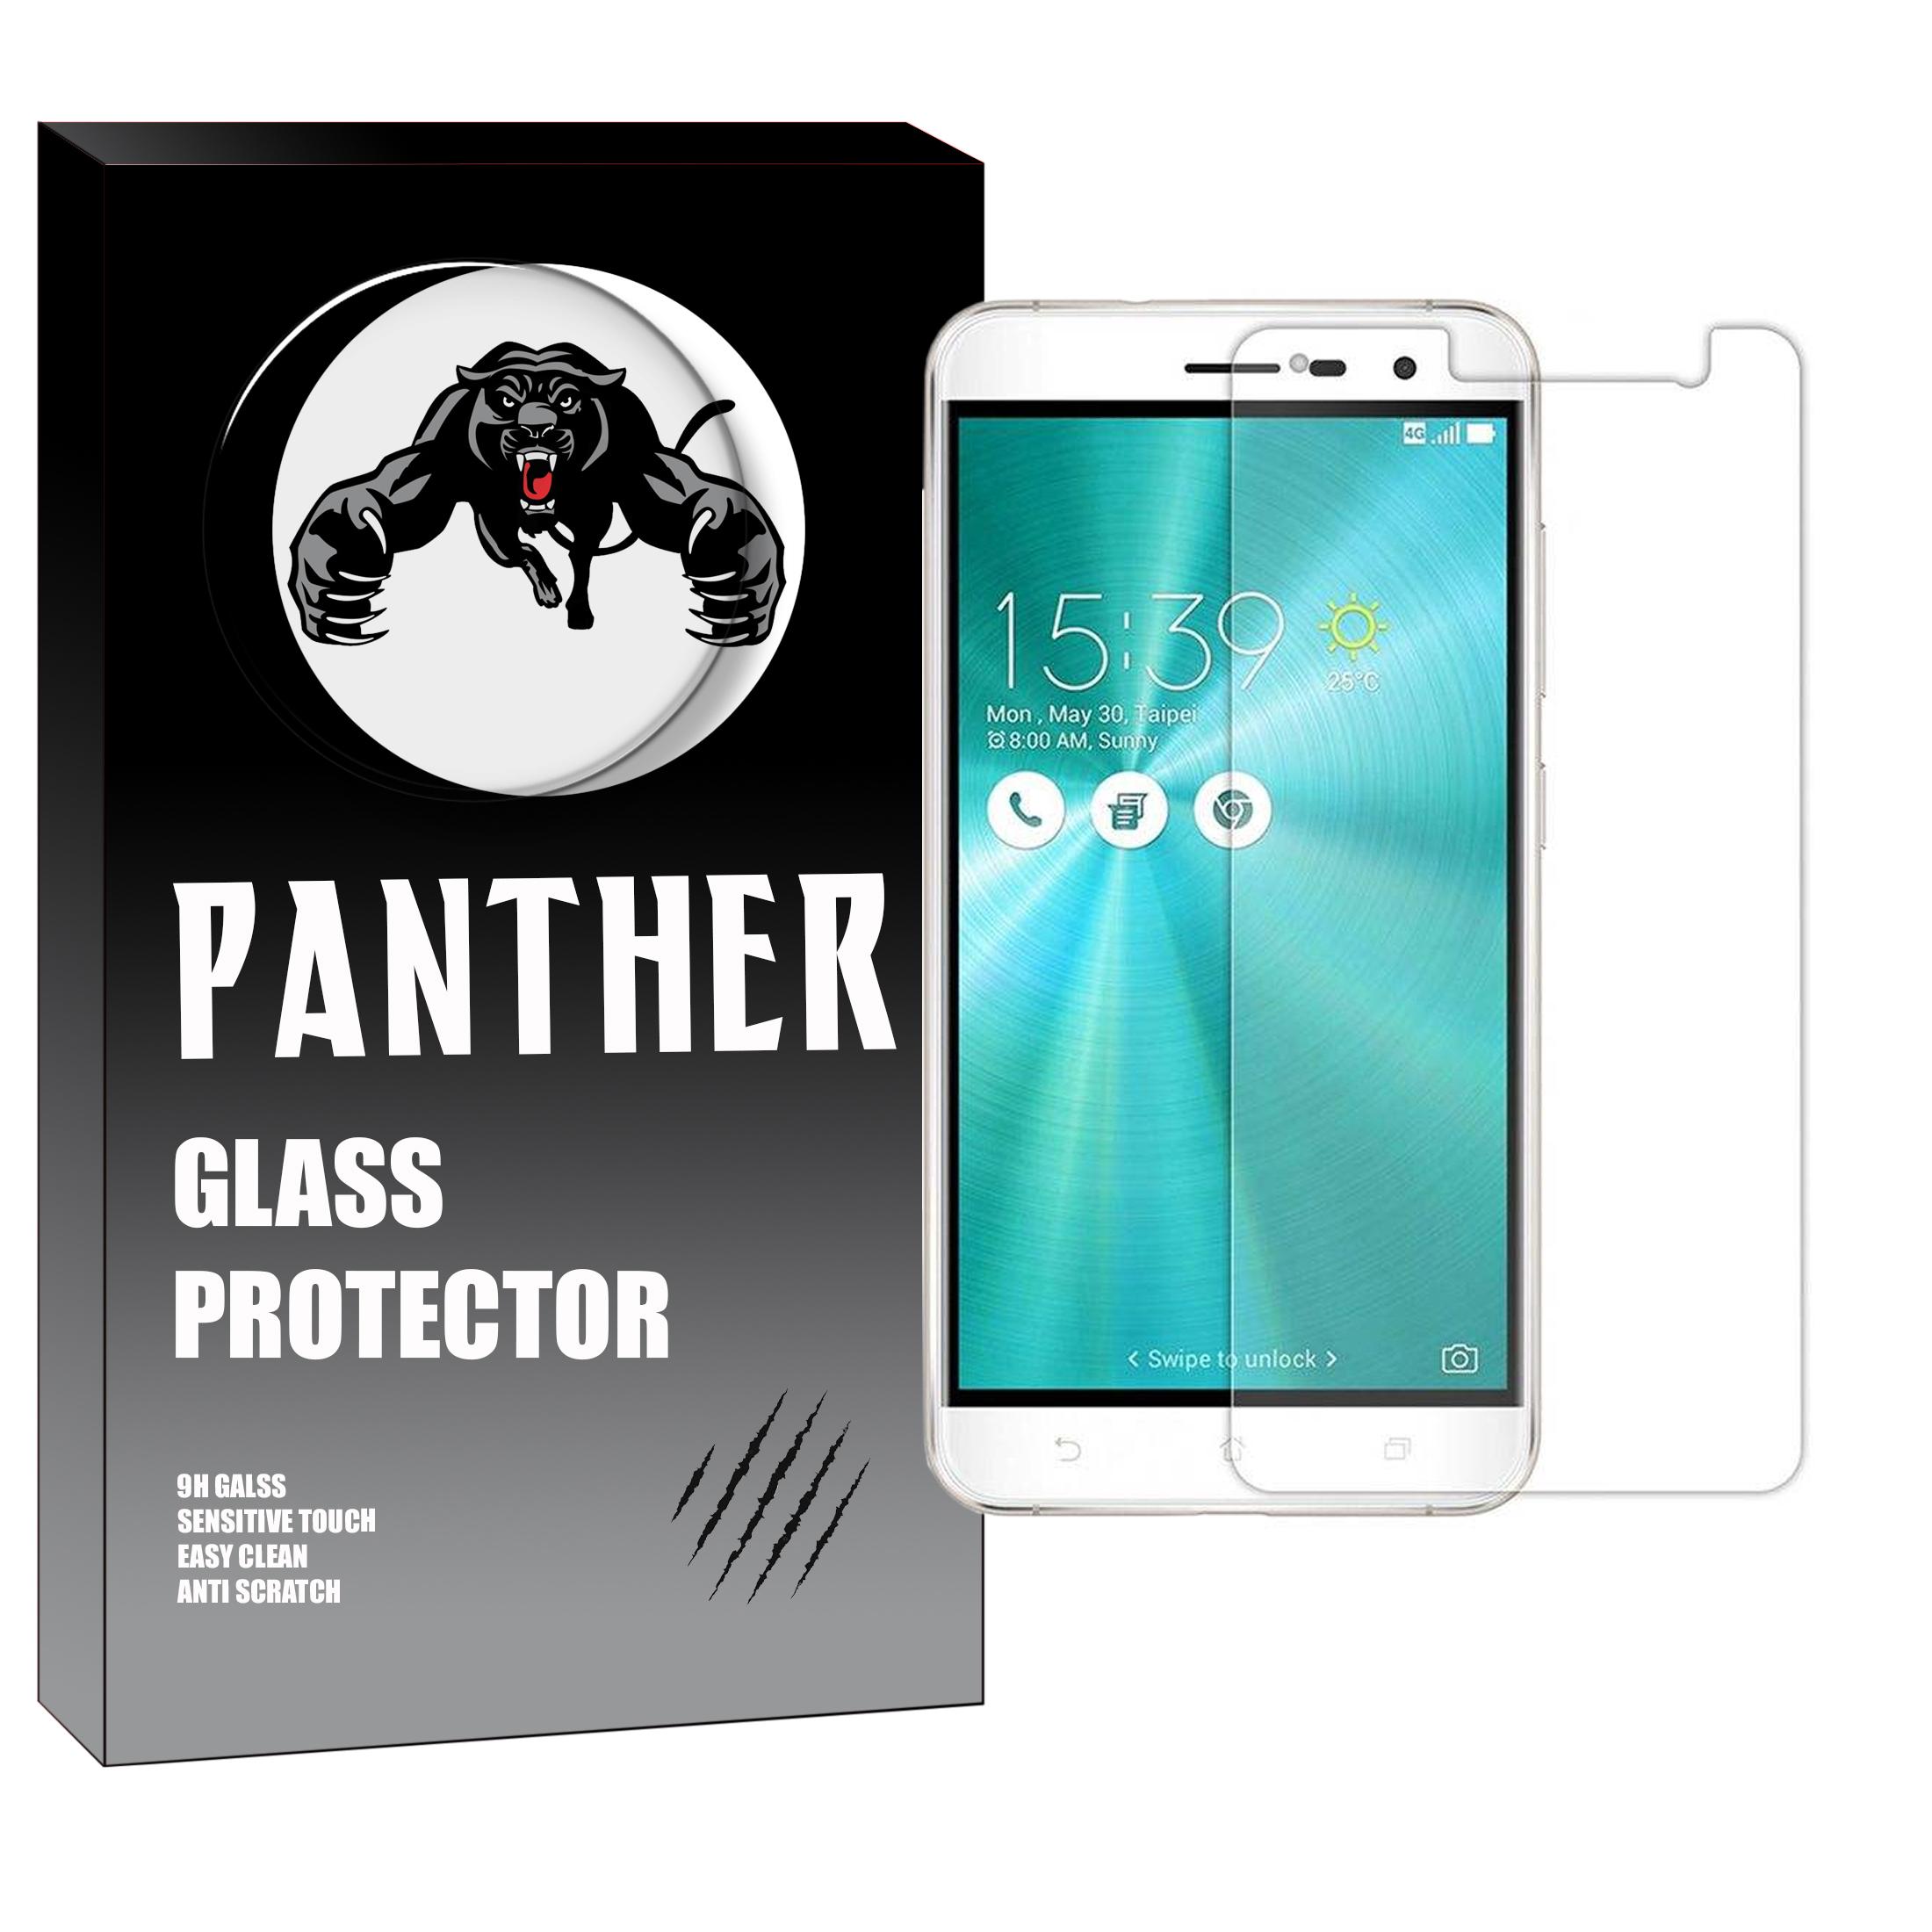 محافظ صفحه نمایش پنتر مدل SDP-099 مناسب برای گوشی موبایل ایسوس Zenfone 3 ZE520KL              ( قیمت و خرید)